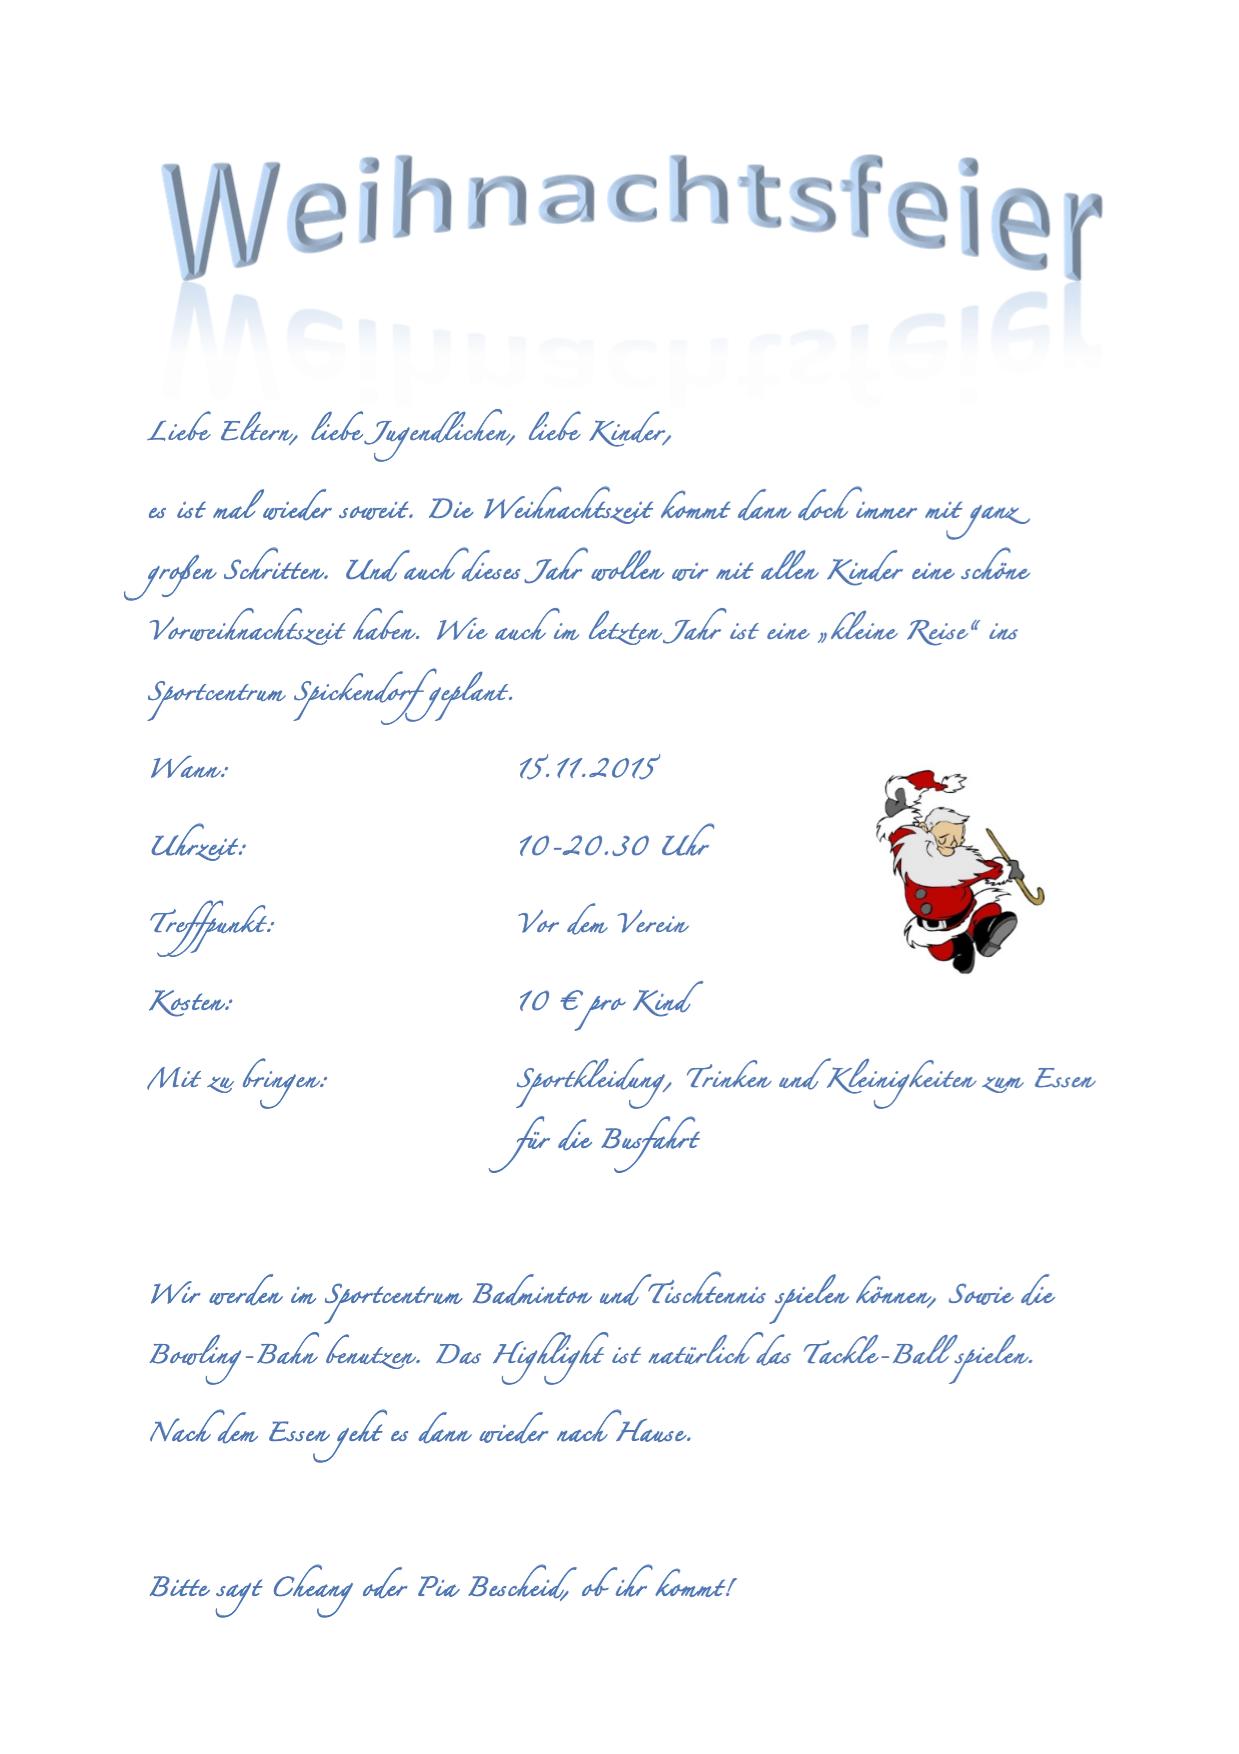 Weihnachtsfeier 2015.png